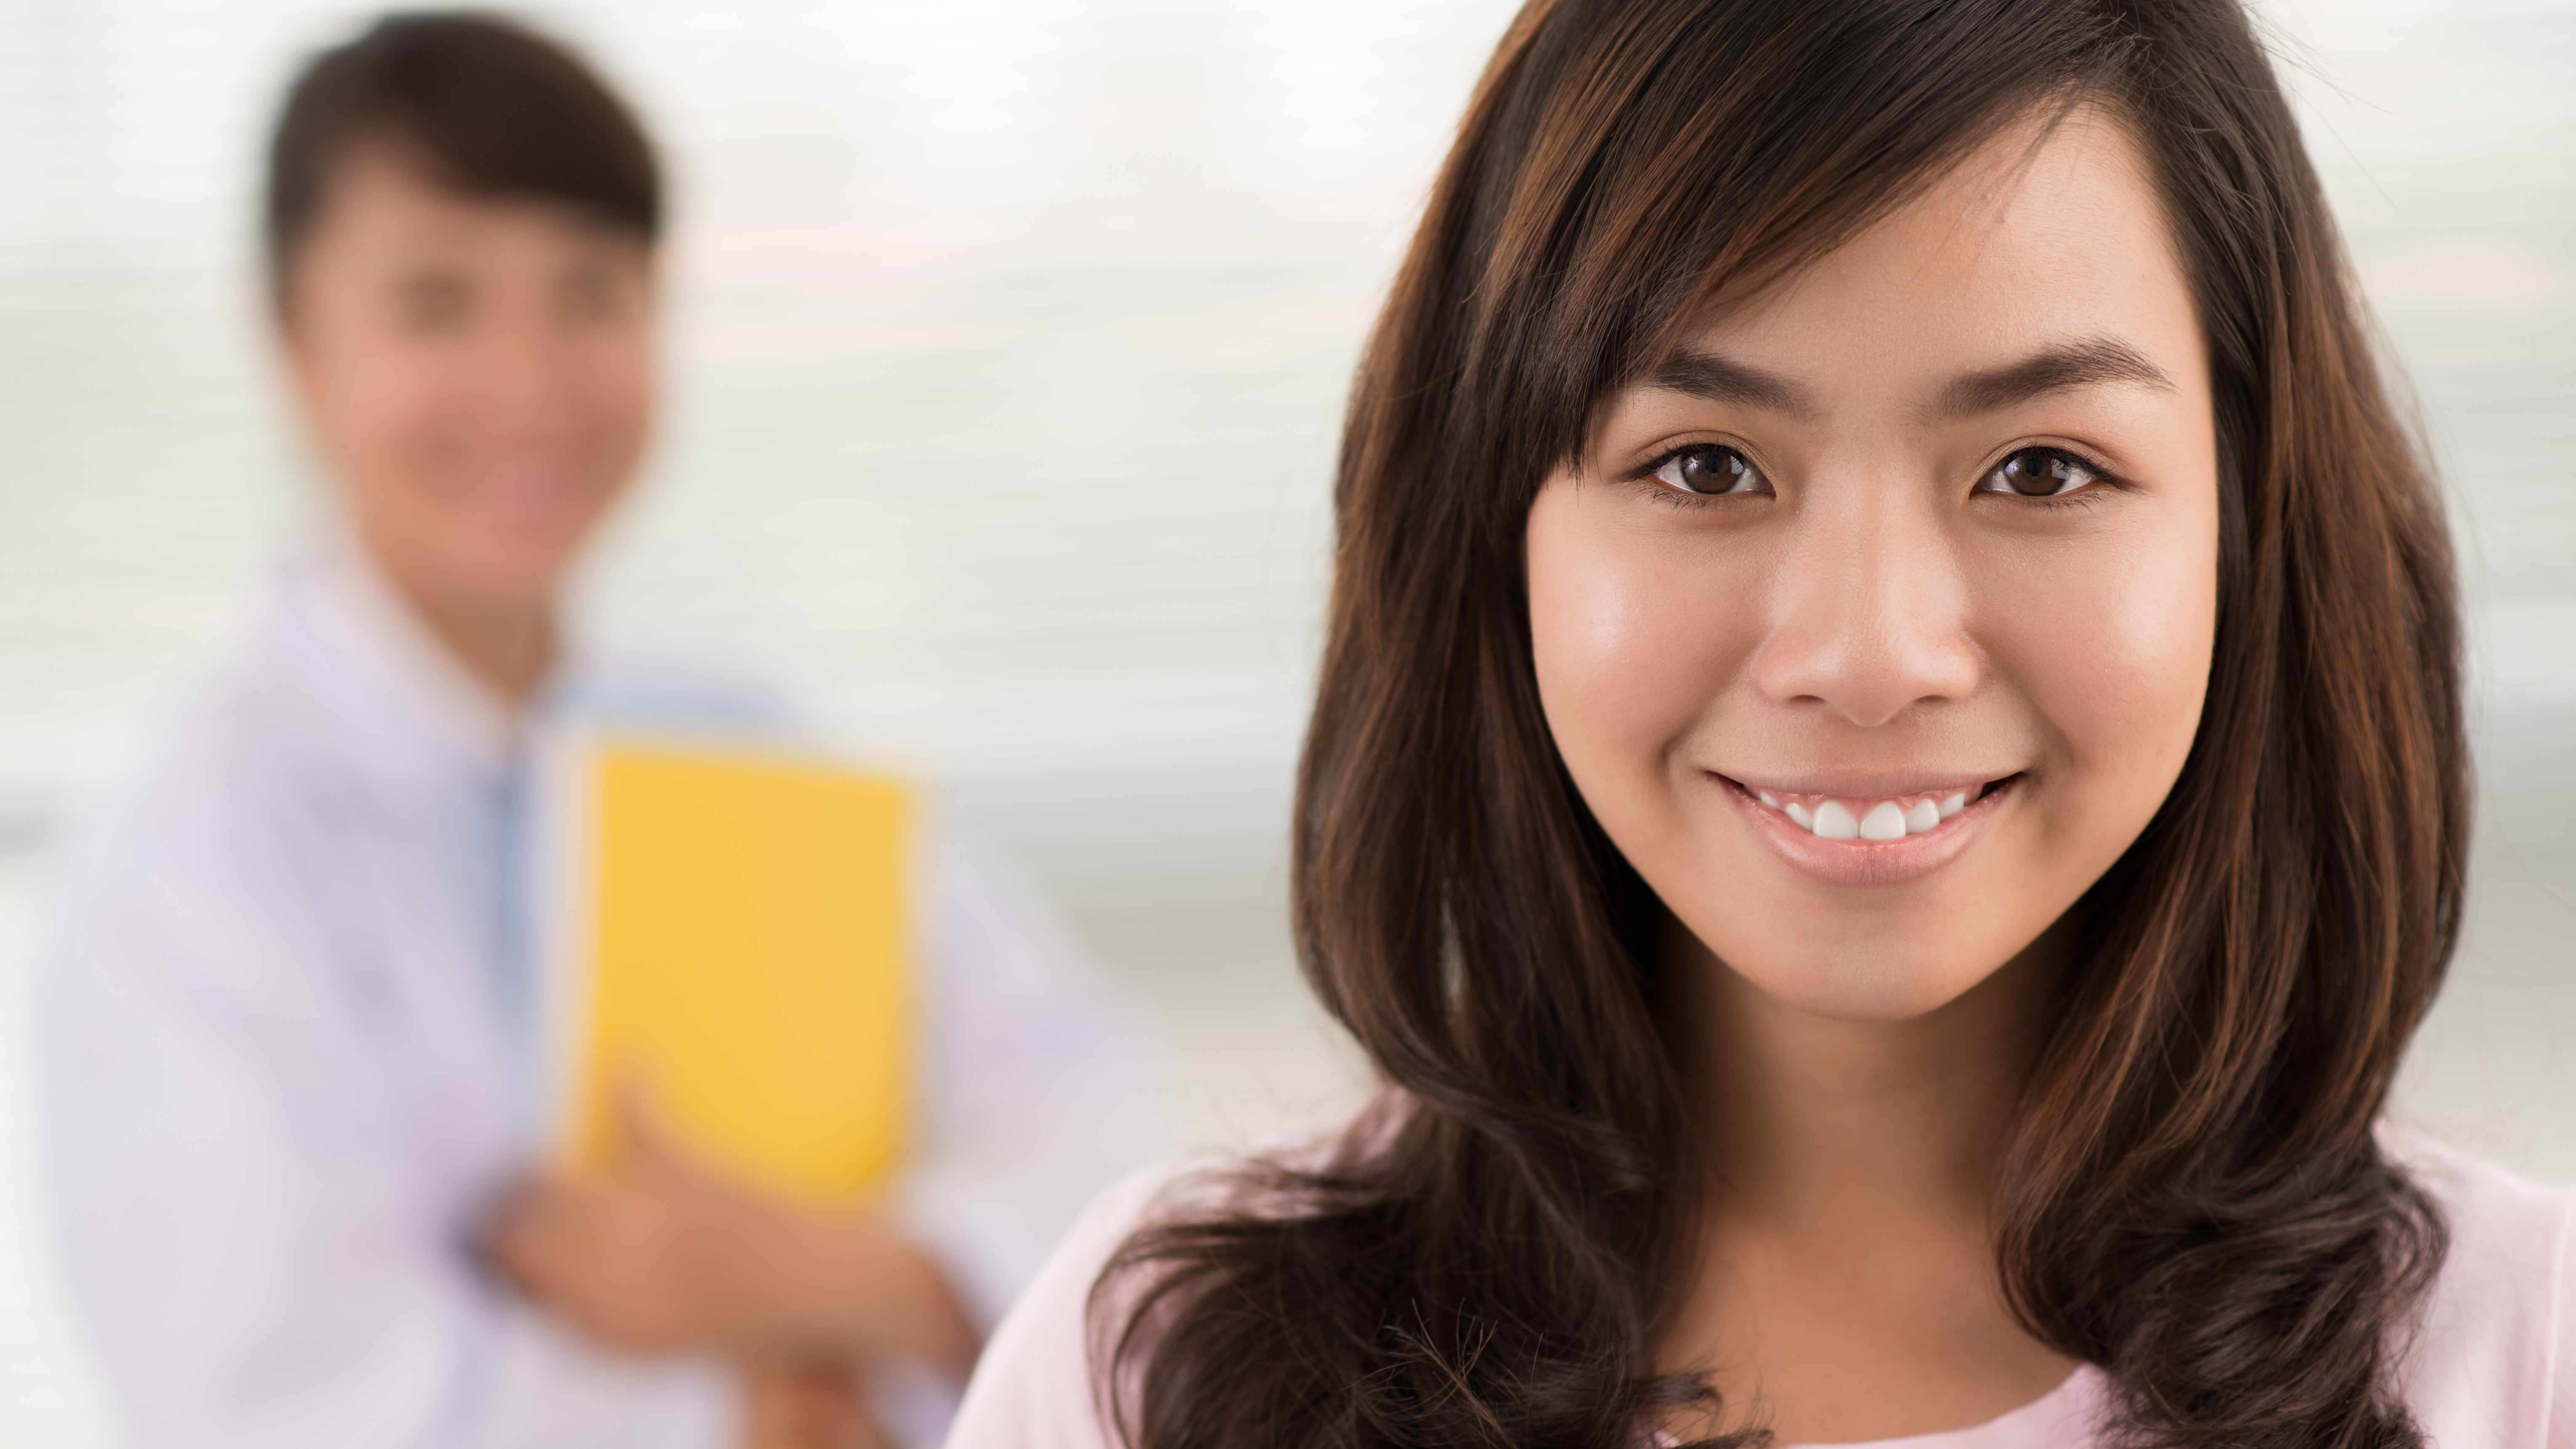 Acercamiento de una mujer sonriendo y un médico detrás de ella